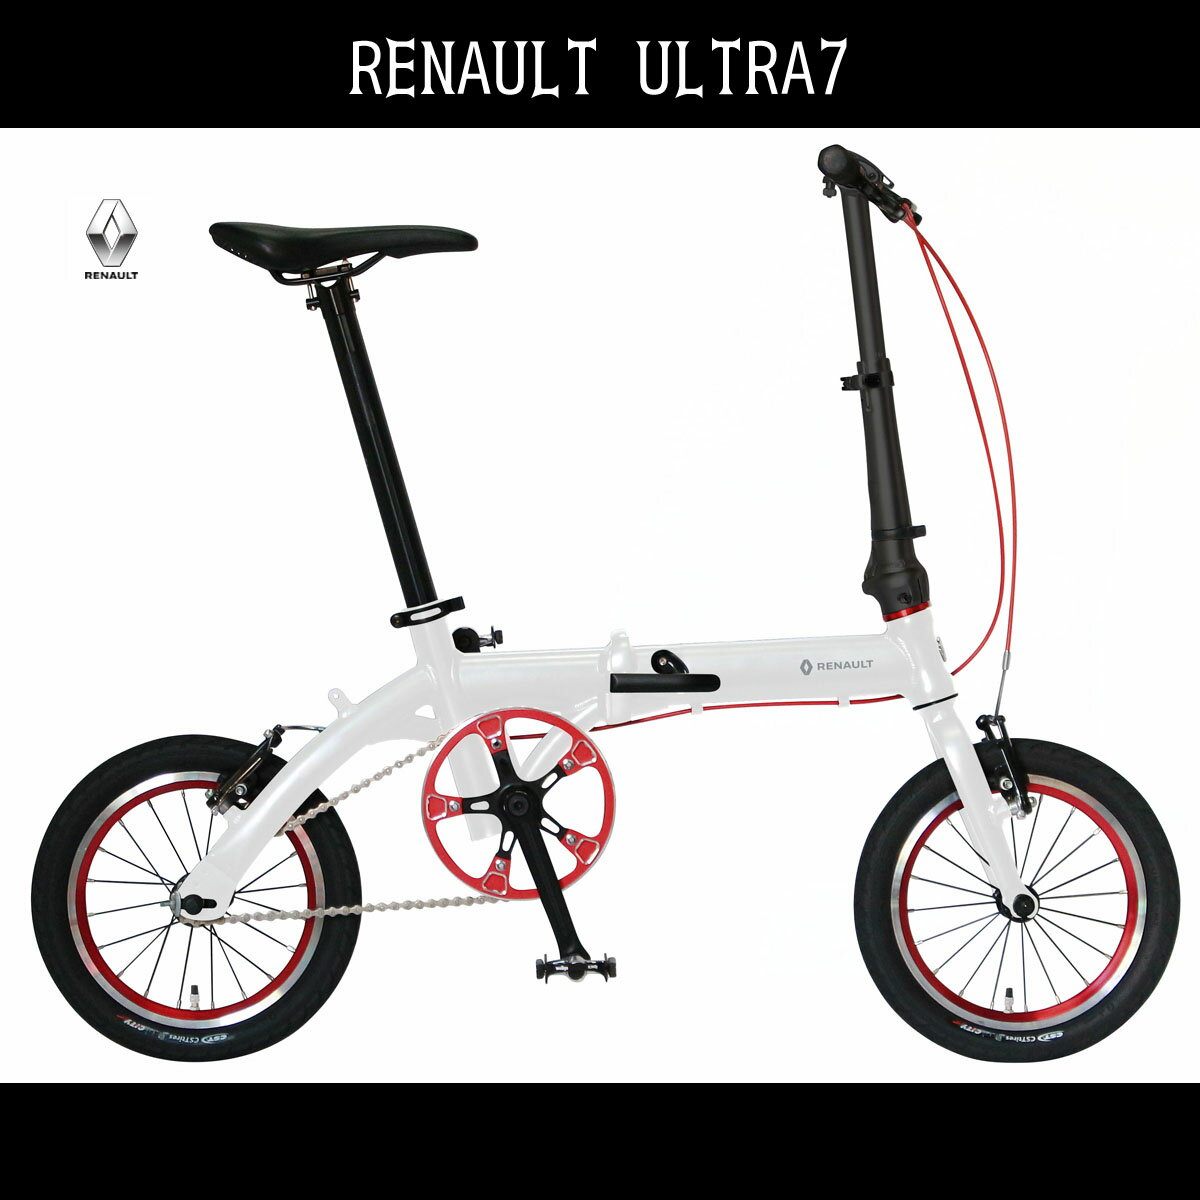 【送料無料 折りたたみ自転車 ルノー RENAULT 自転車】 ホワイト/白 【14インチ 自転車 軽量 ギアなし】ルノー 折りたたみ自転車 ULTRA LIGHT 7(ウルトラライトセブン)アルミニウム